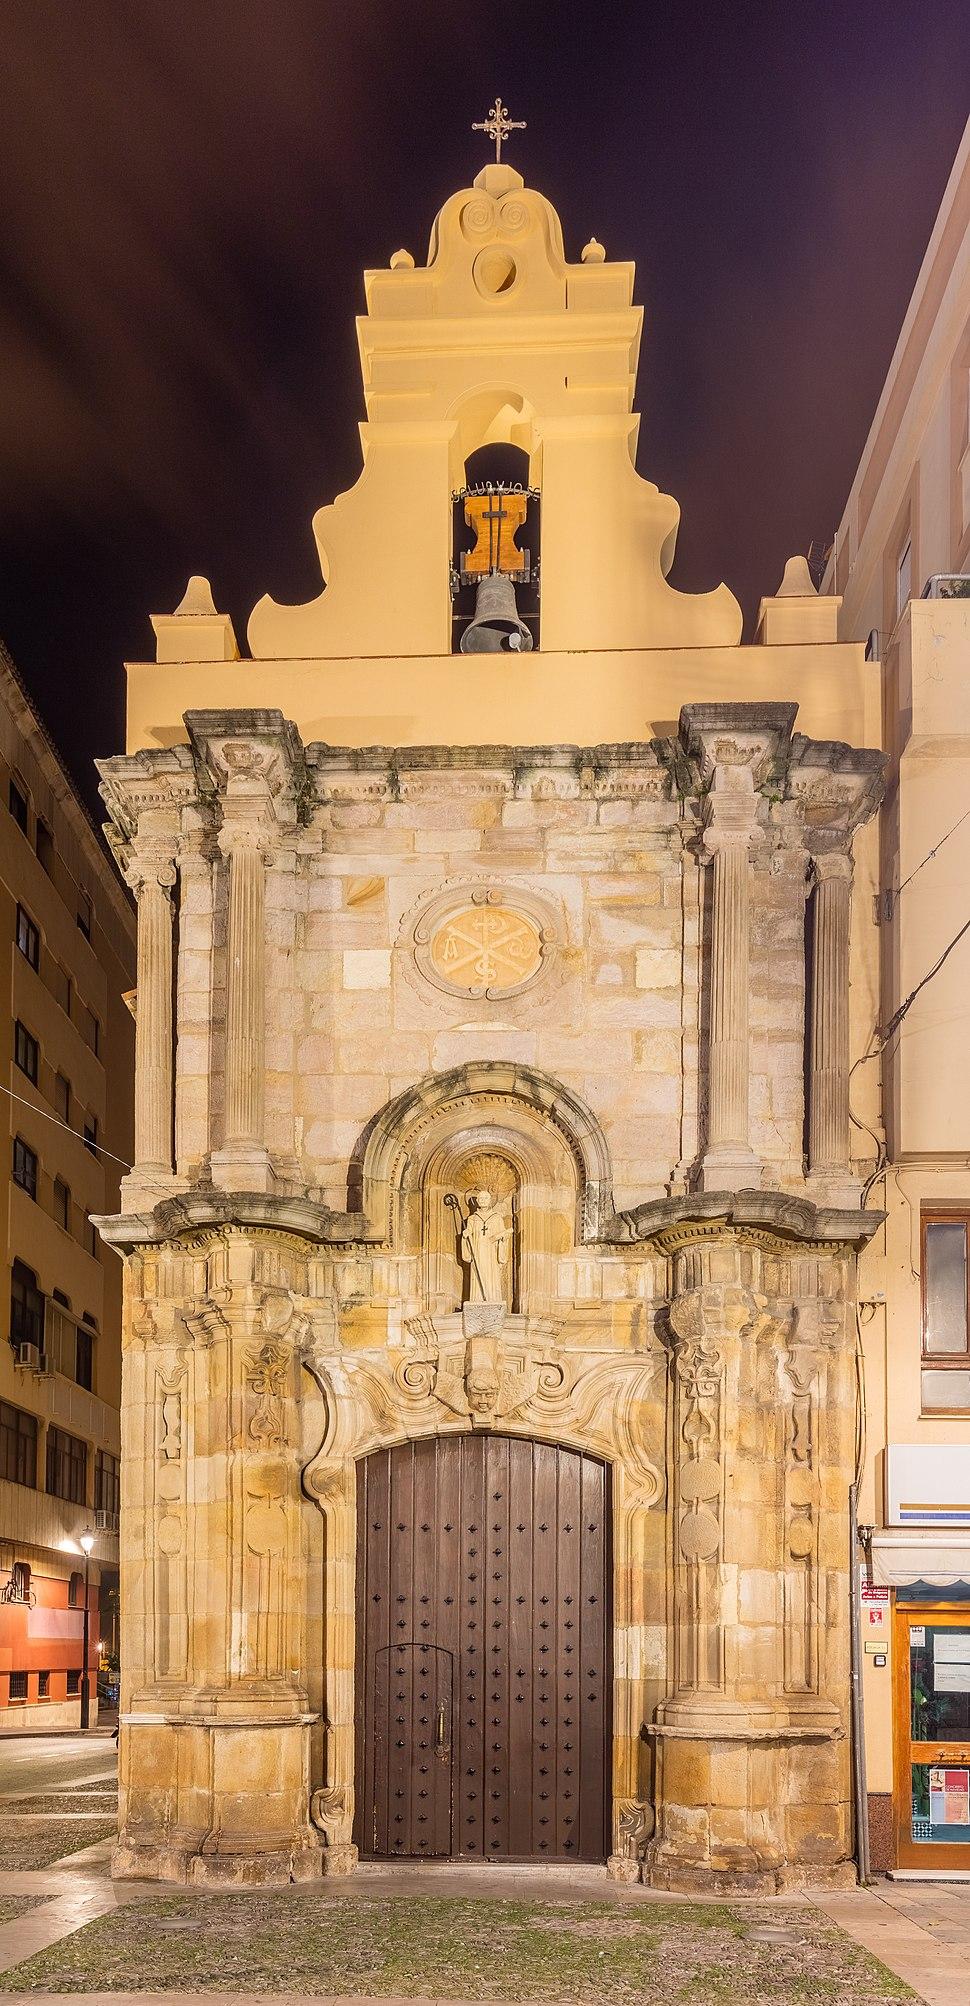 Capilla de Nuestra Señora de Europa, Algeciras, Cádiz, España, 2015-12-09, DD 06-08 HDR